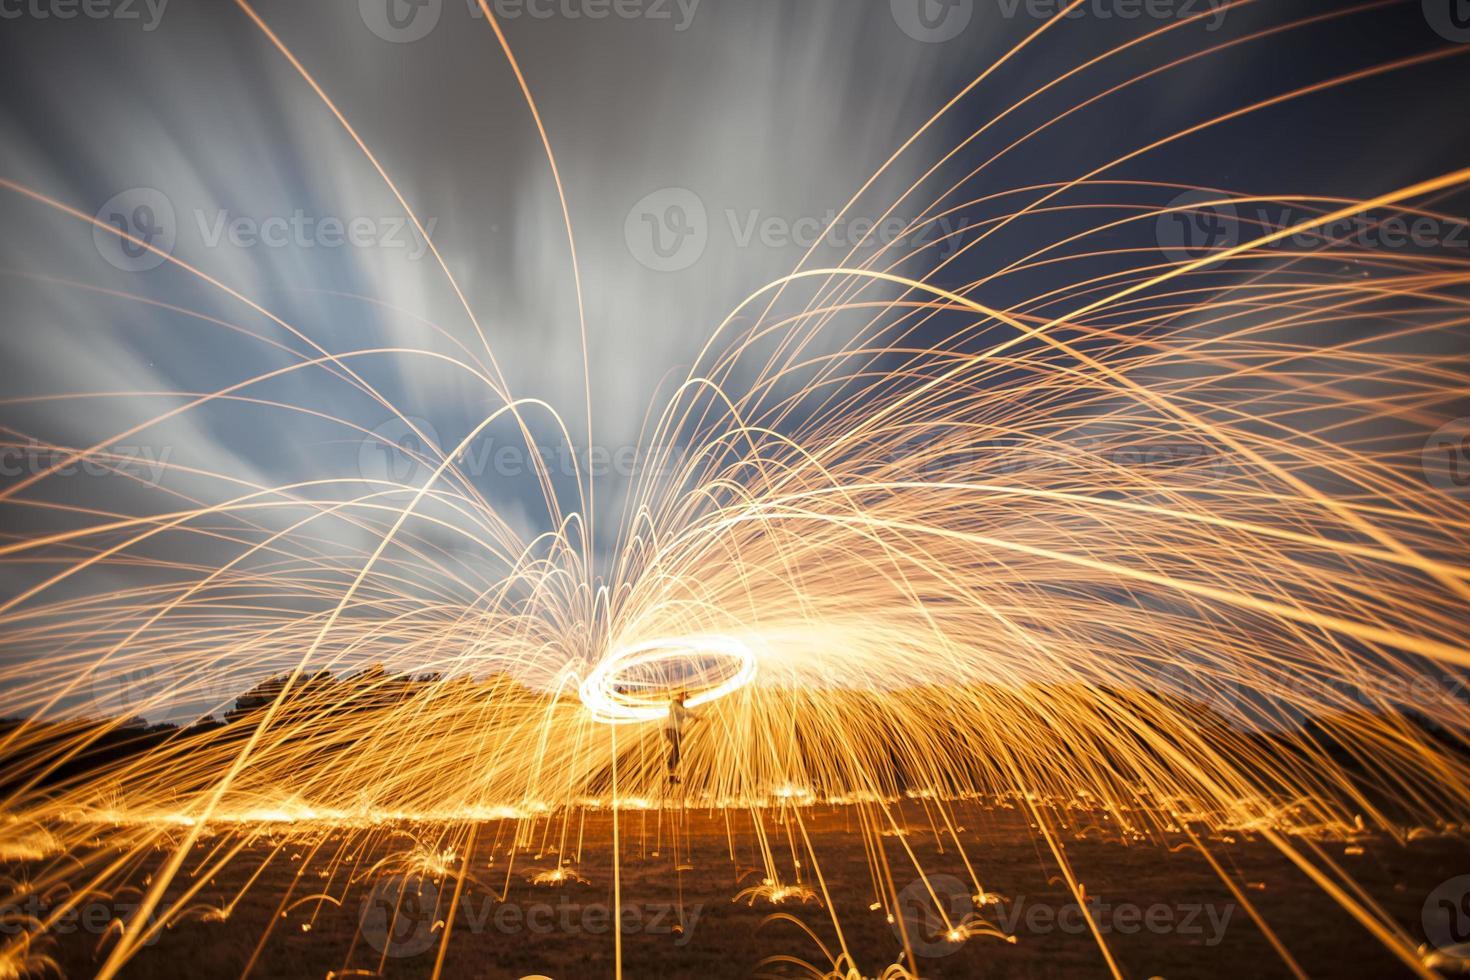 chuvas de faíscas brilhantes e quentes de lã de aço girando. foto